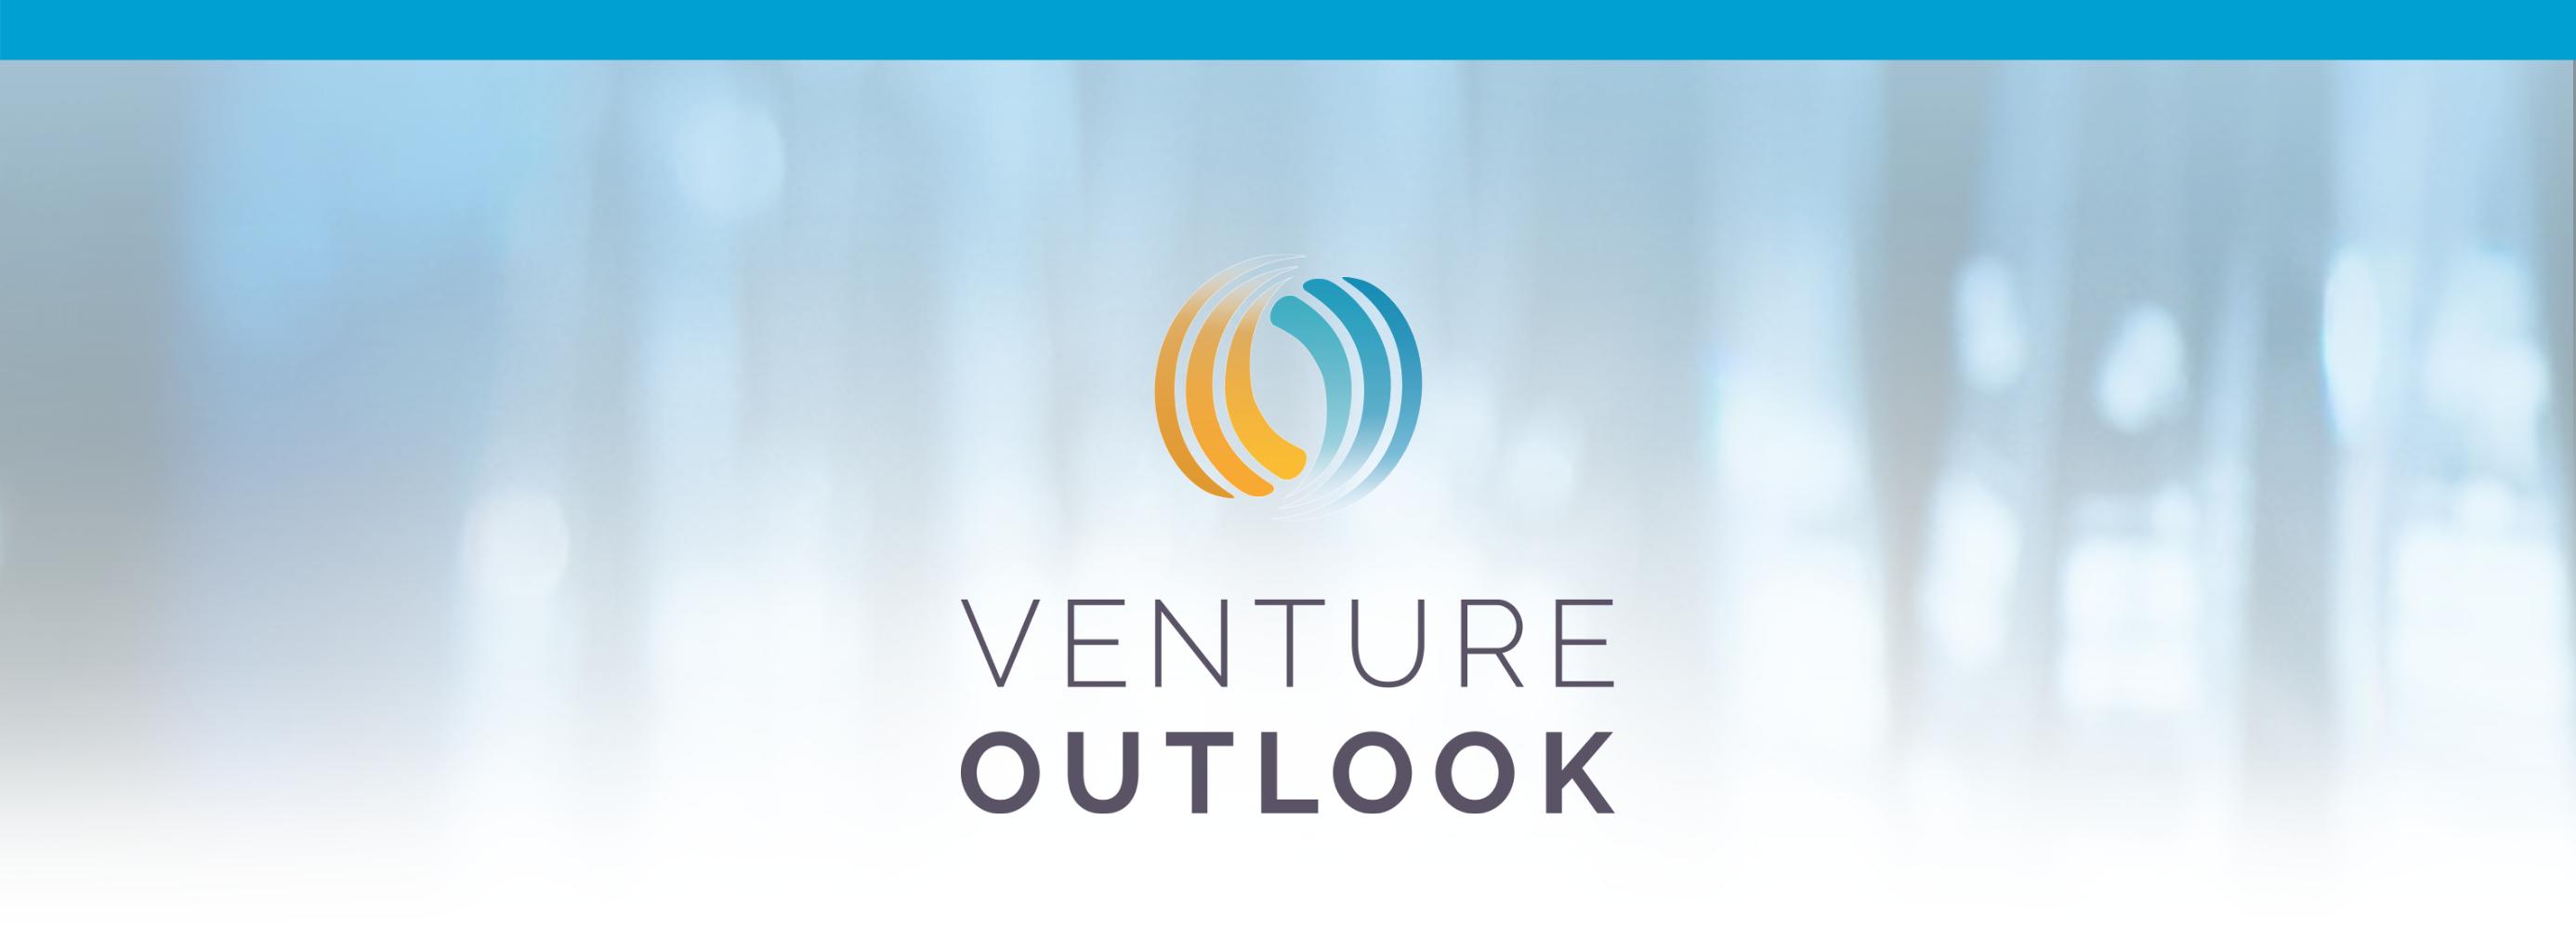 Venture Outlook 2020